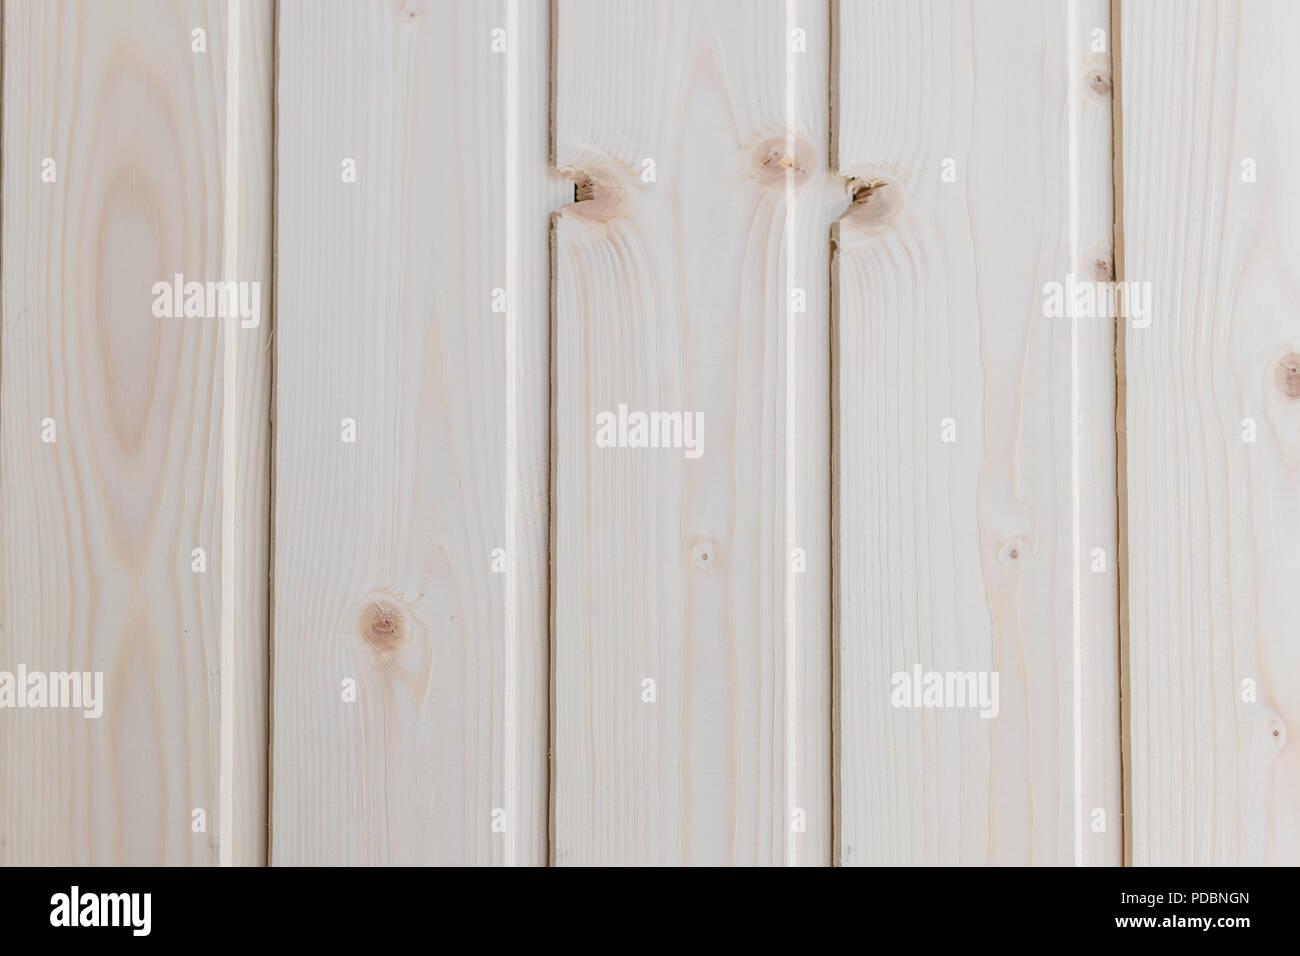 Abstrakte Helles Holz Textur über Weiße Licht Natürliche Farbe